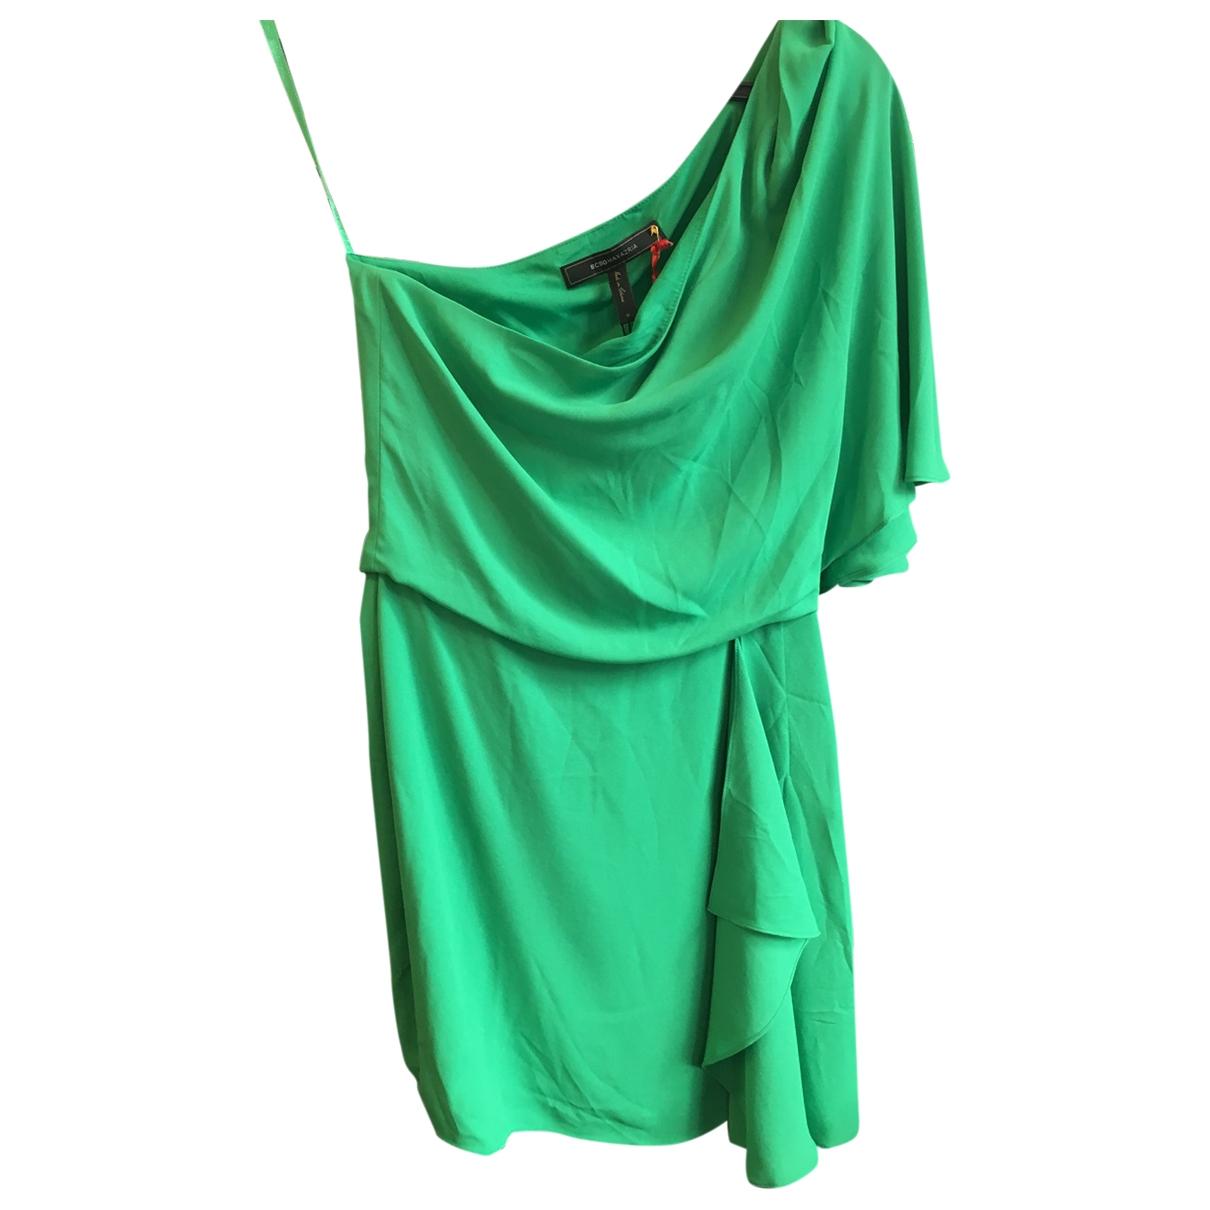 Bcbg Max Azria \N Kleid in  Gruen Polyester